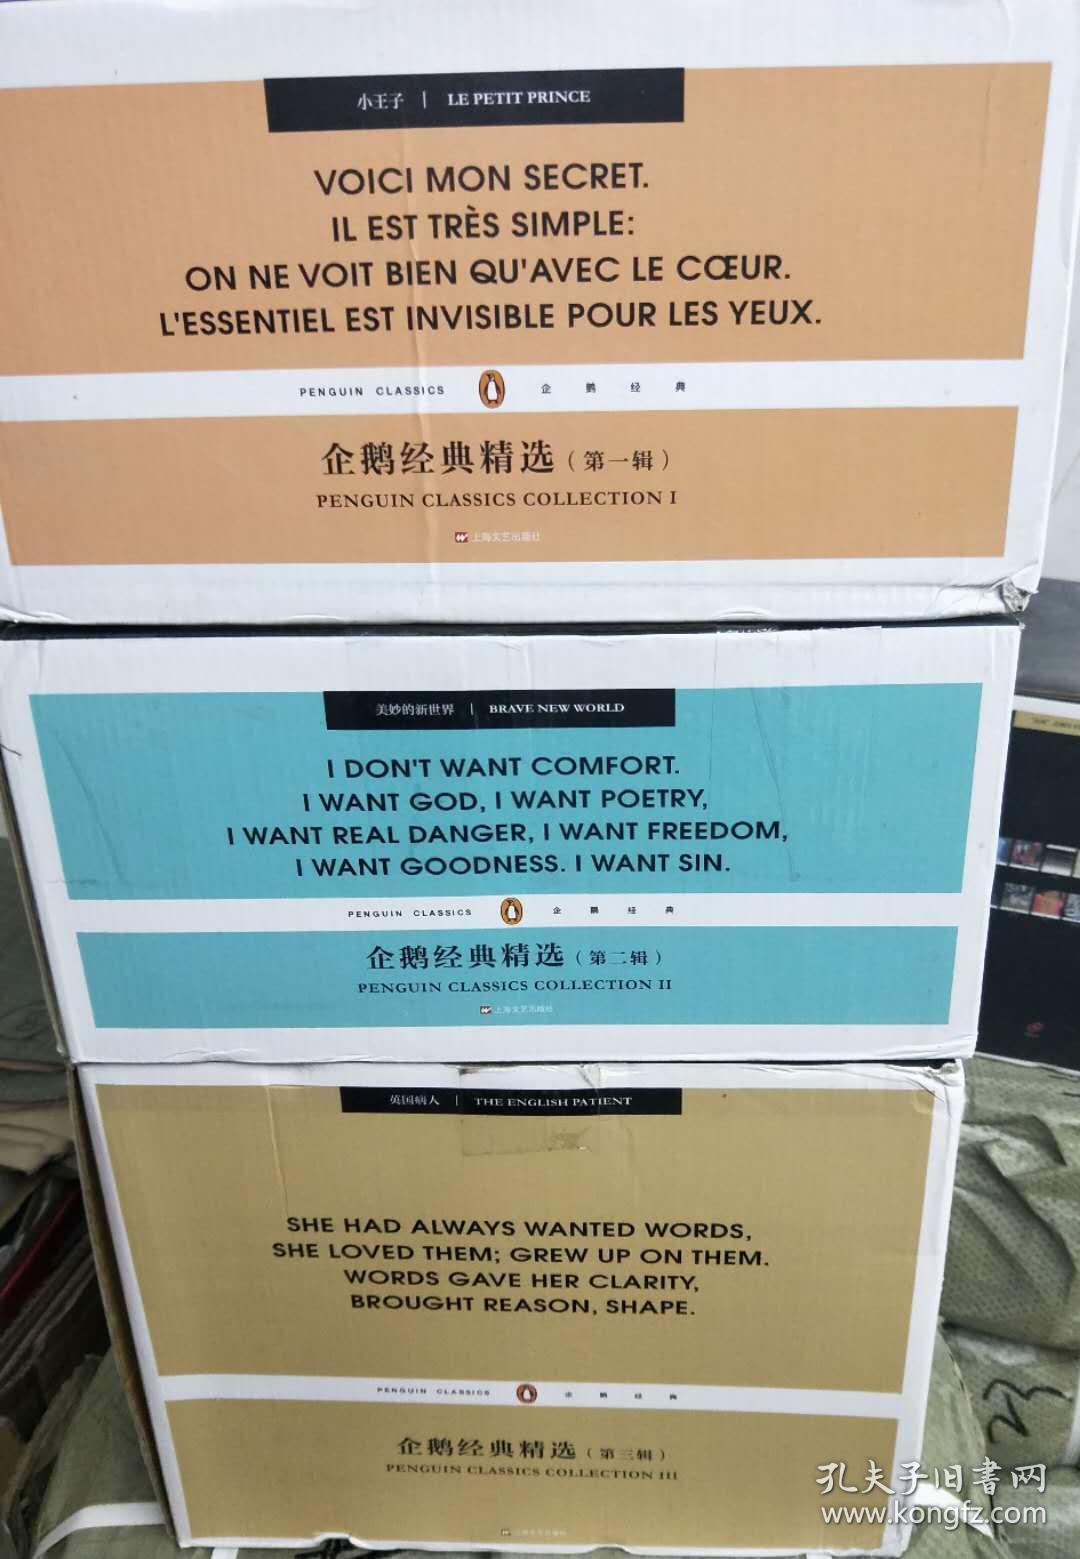 上海文艺出版社 企鹅经典精选第1-3辑,全套共50种52册合售,包邮寄